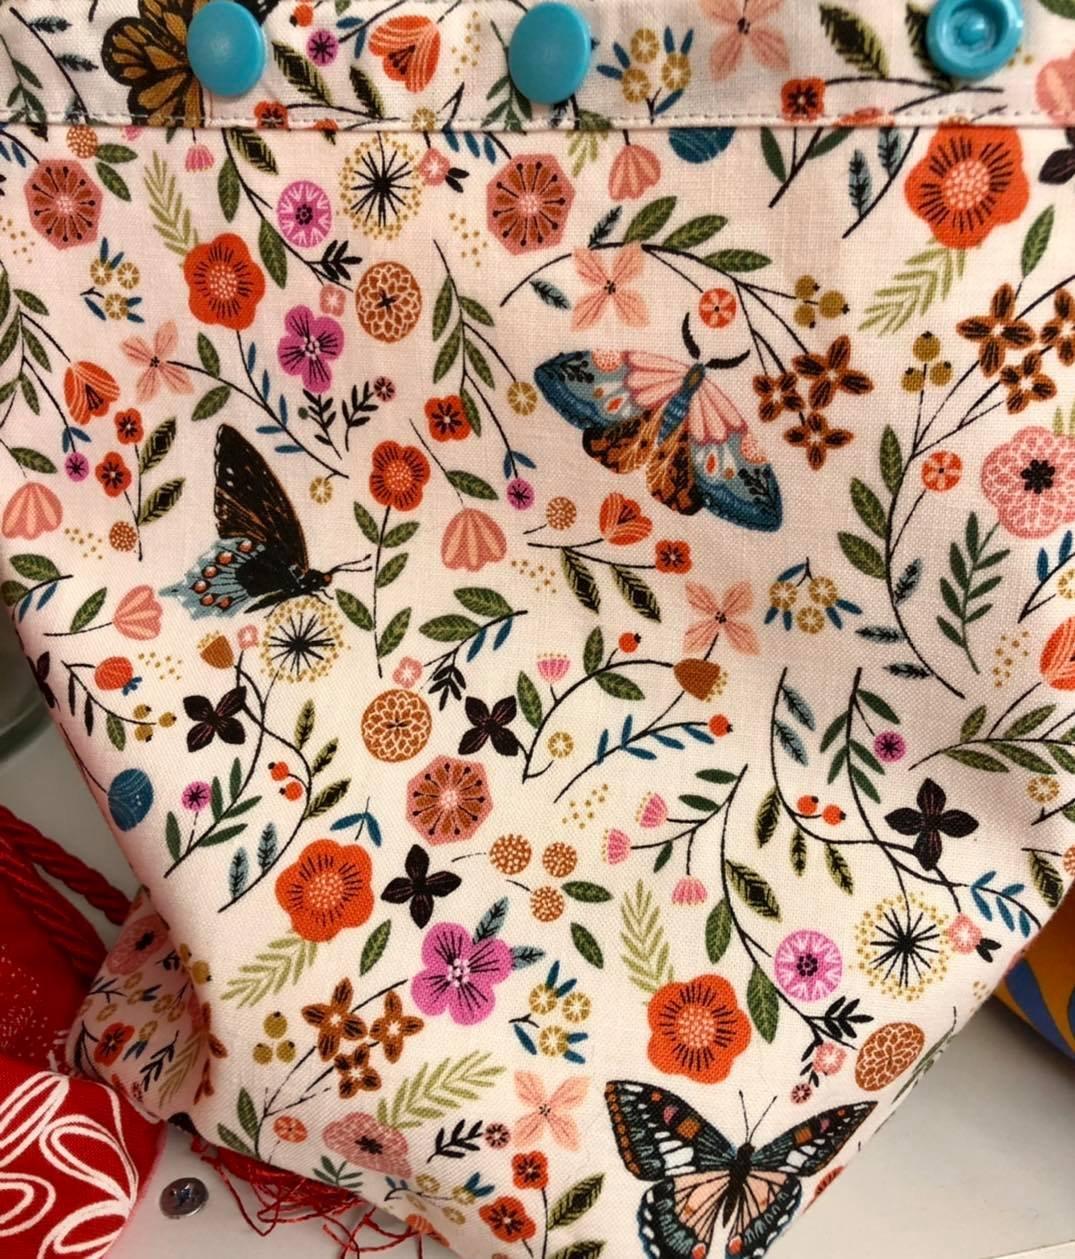 Yarn Ball Bag, Butterflies